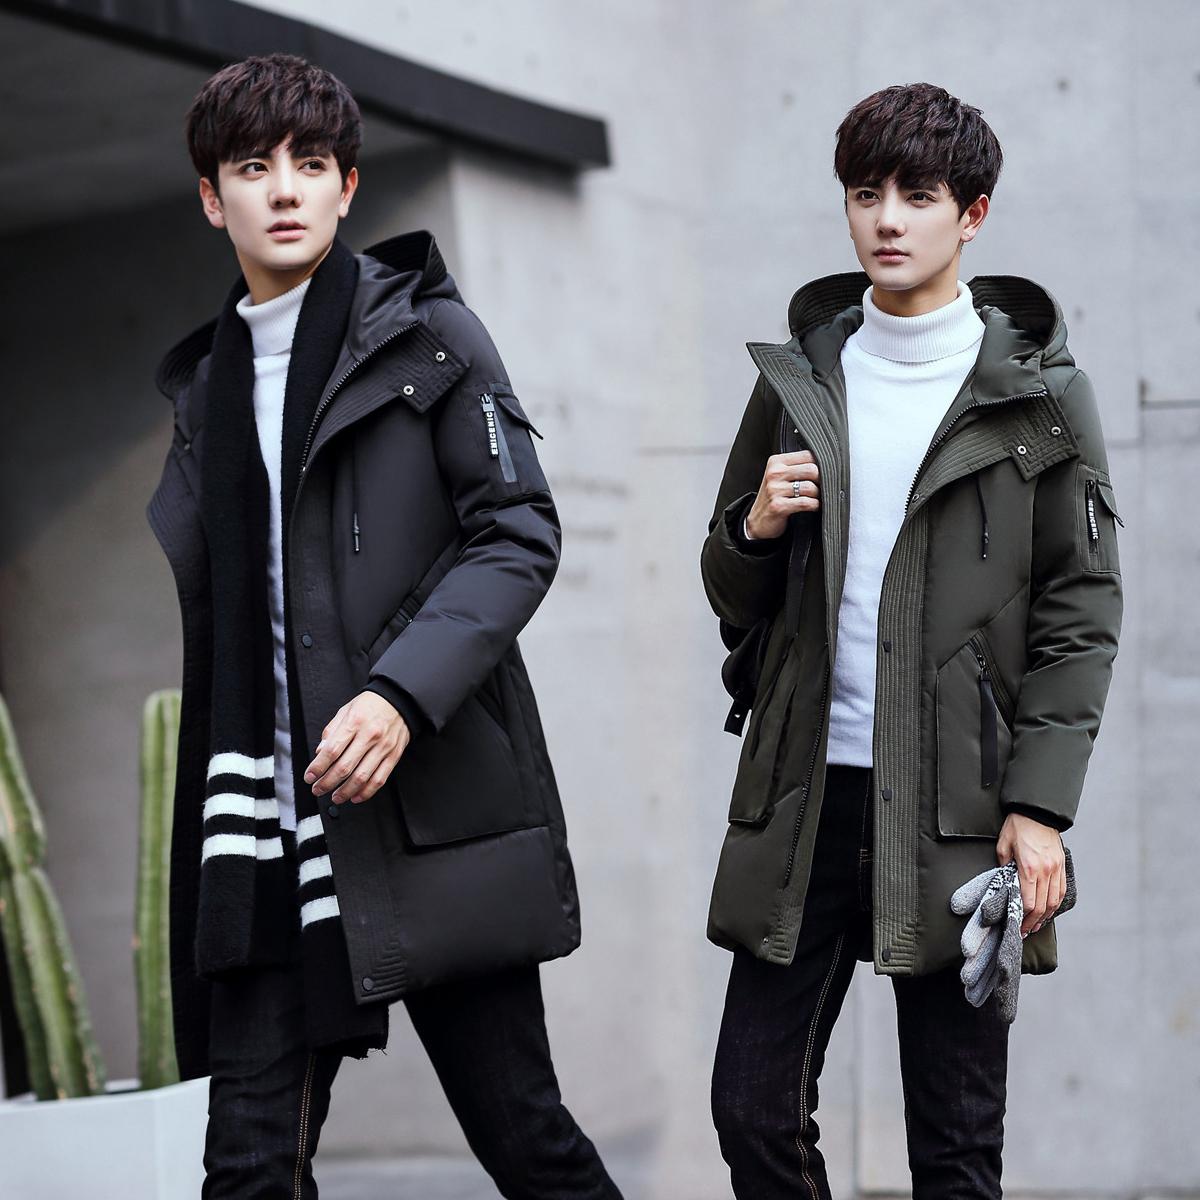 2017 mùa đông mới bông nam phần dài thanh niên Hàn Quốc phiên bản của tự trồng dày xuống bông pad sinh viên áo khoác thủy triều